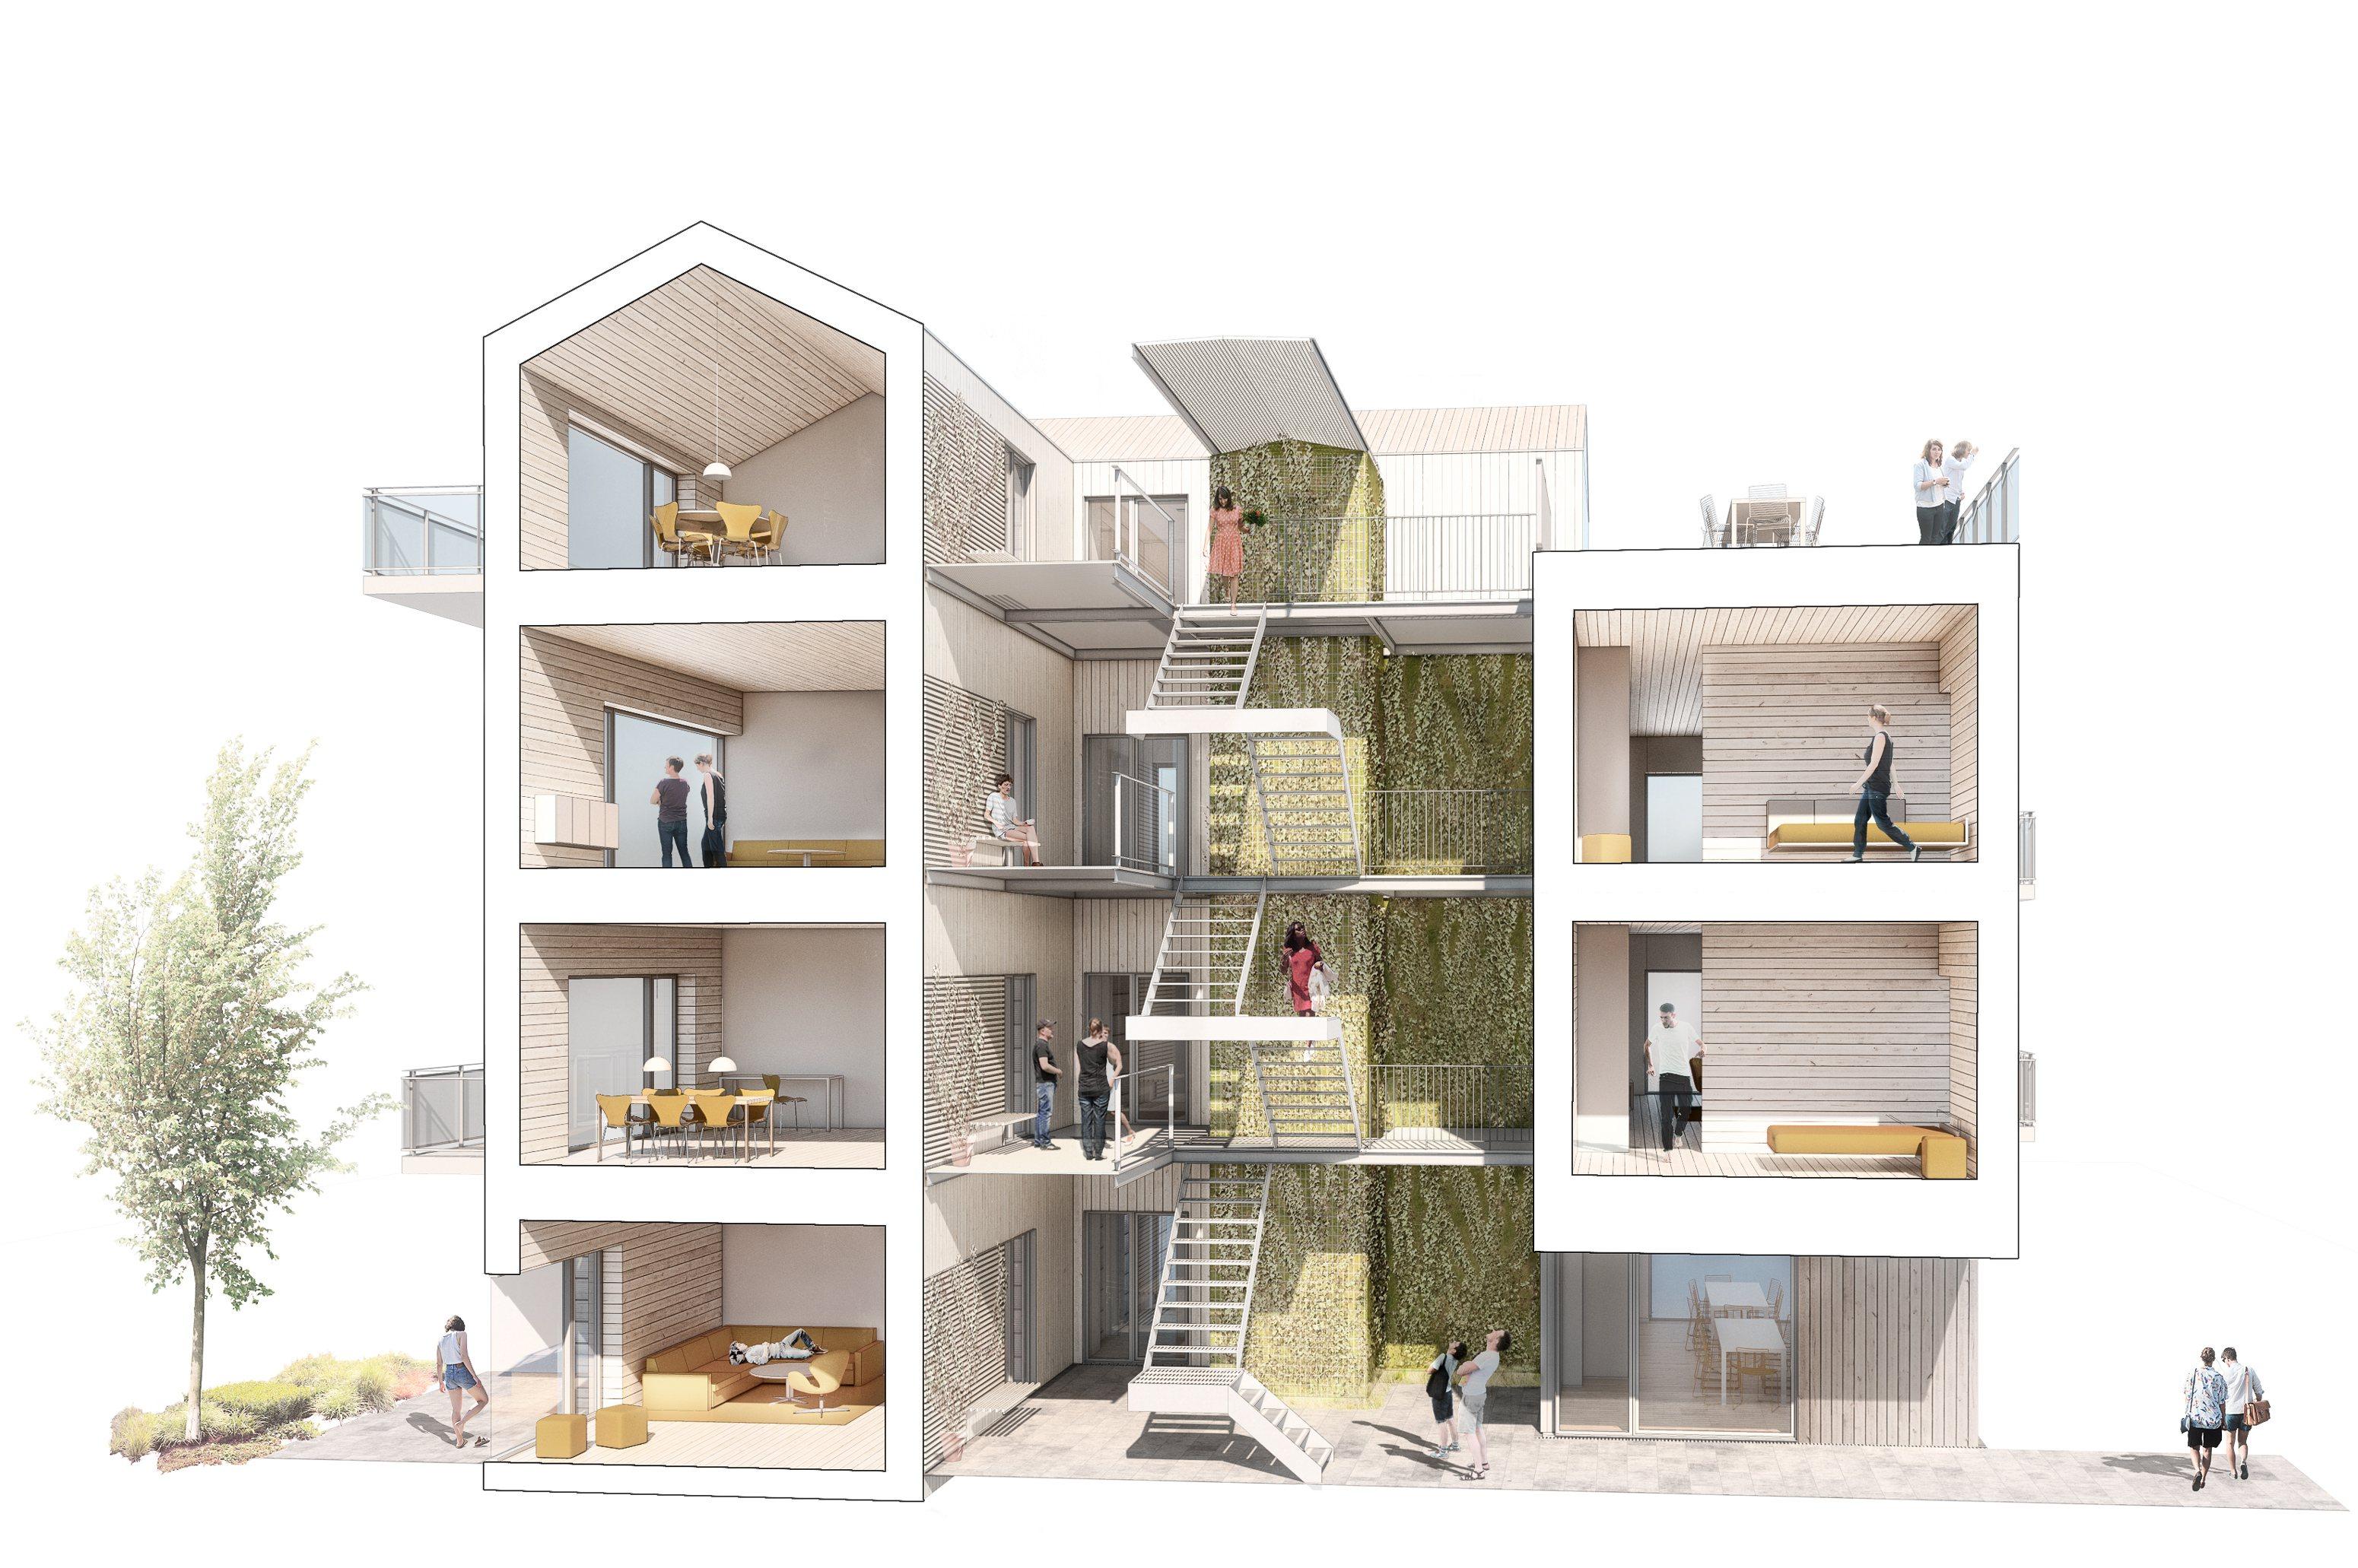 Boliglaboratorium-statens-kunstfond-realdania-onv-arkitekter-fællesskab-på-alle-niveauer